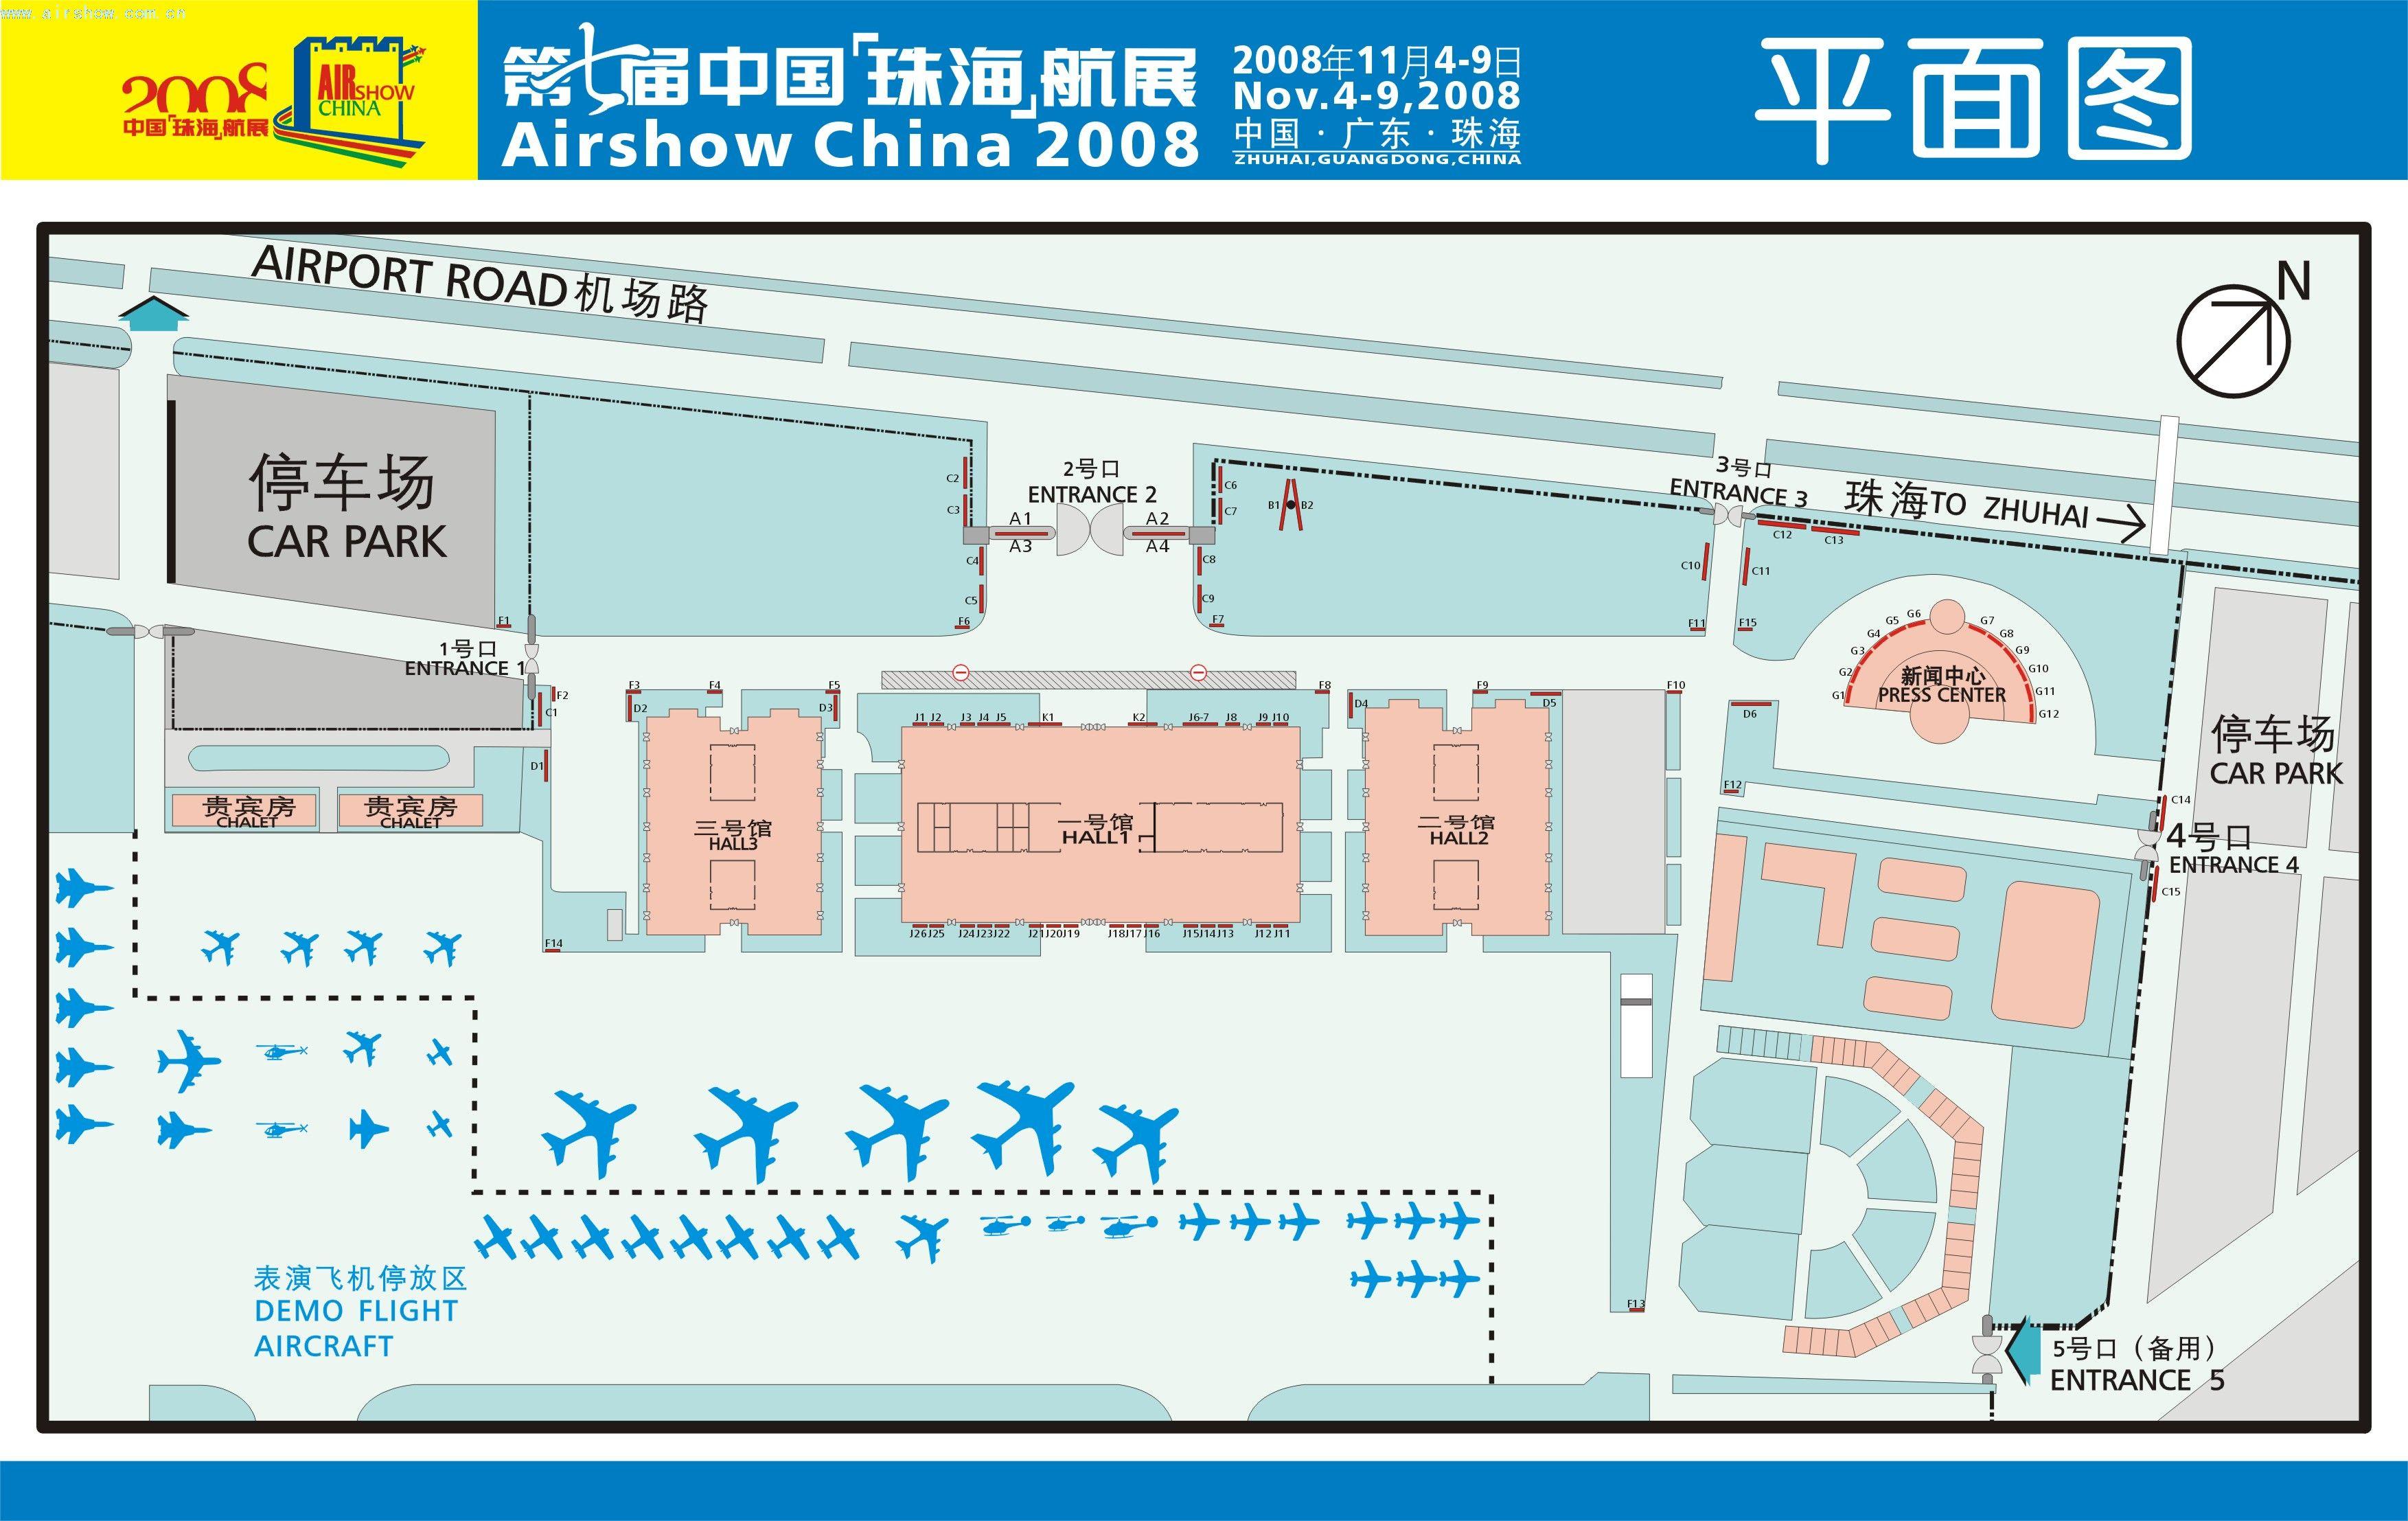 第七届中国珠海航展整体平面图